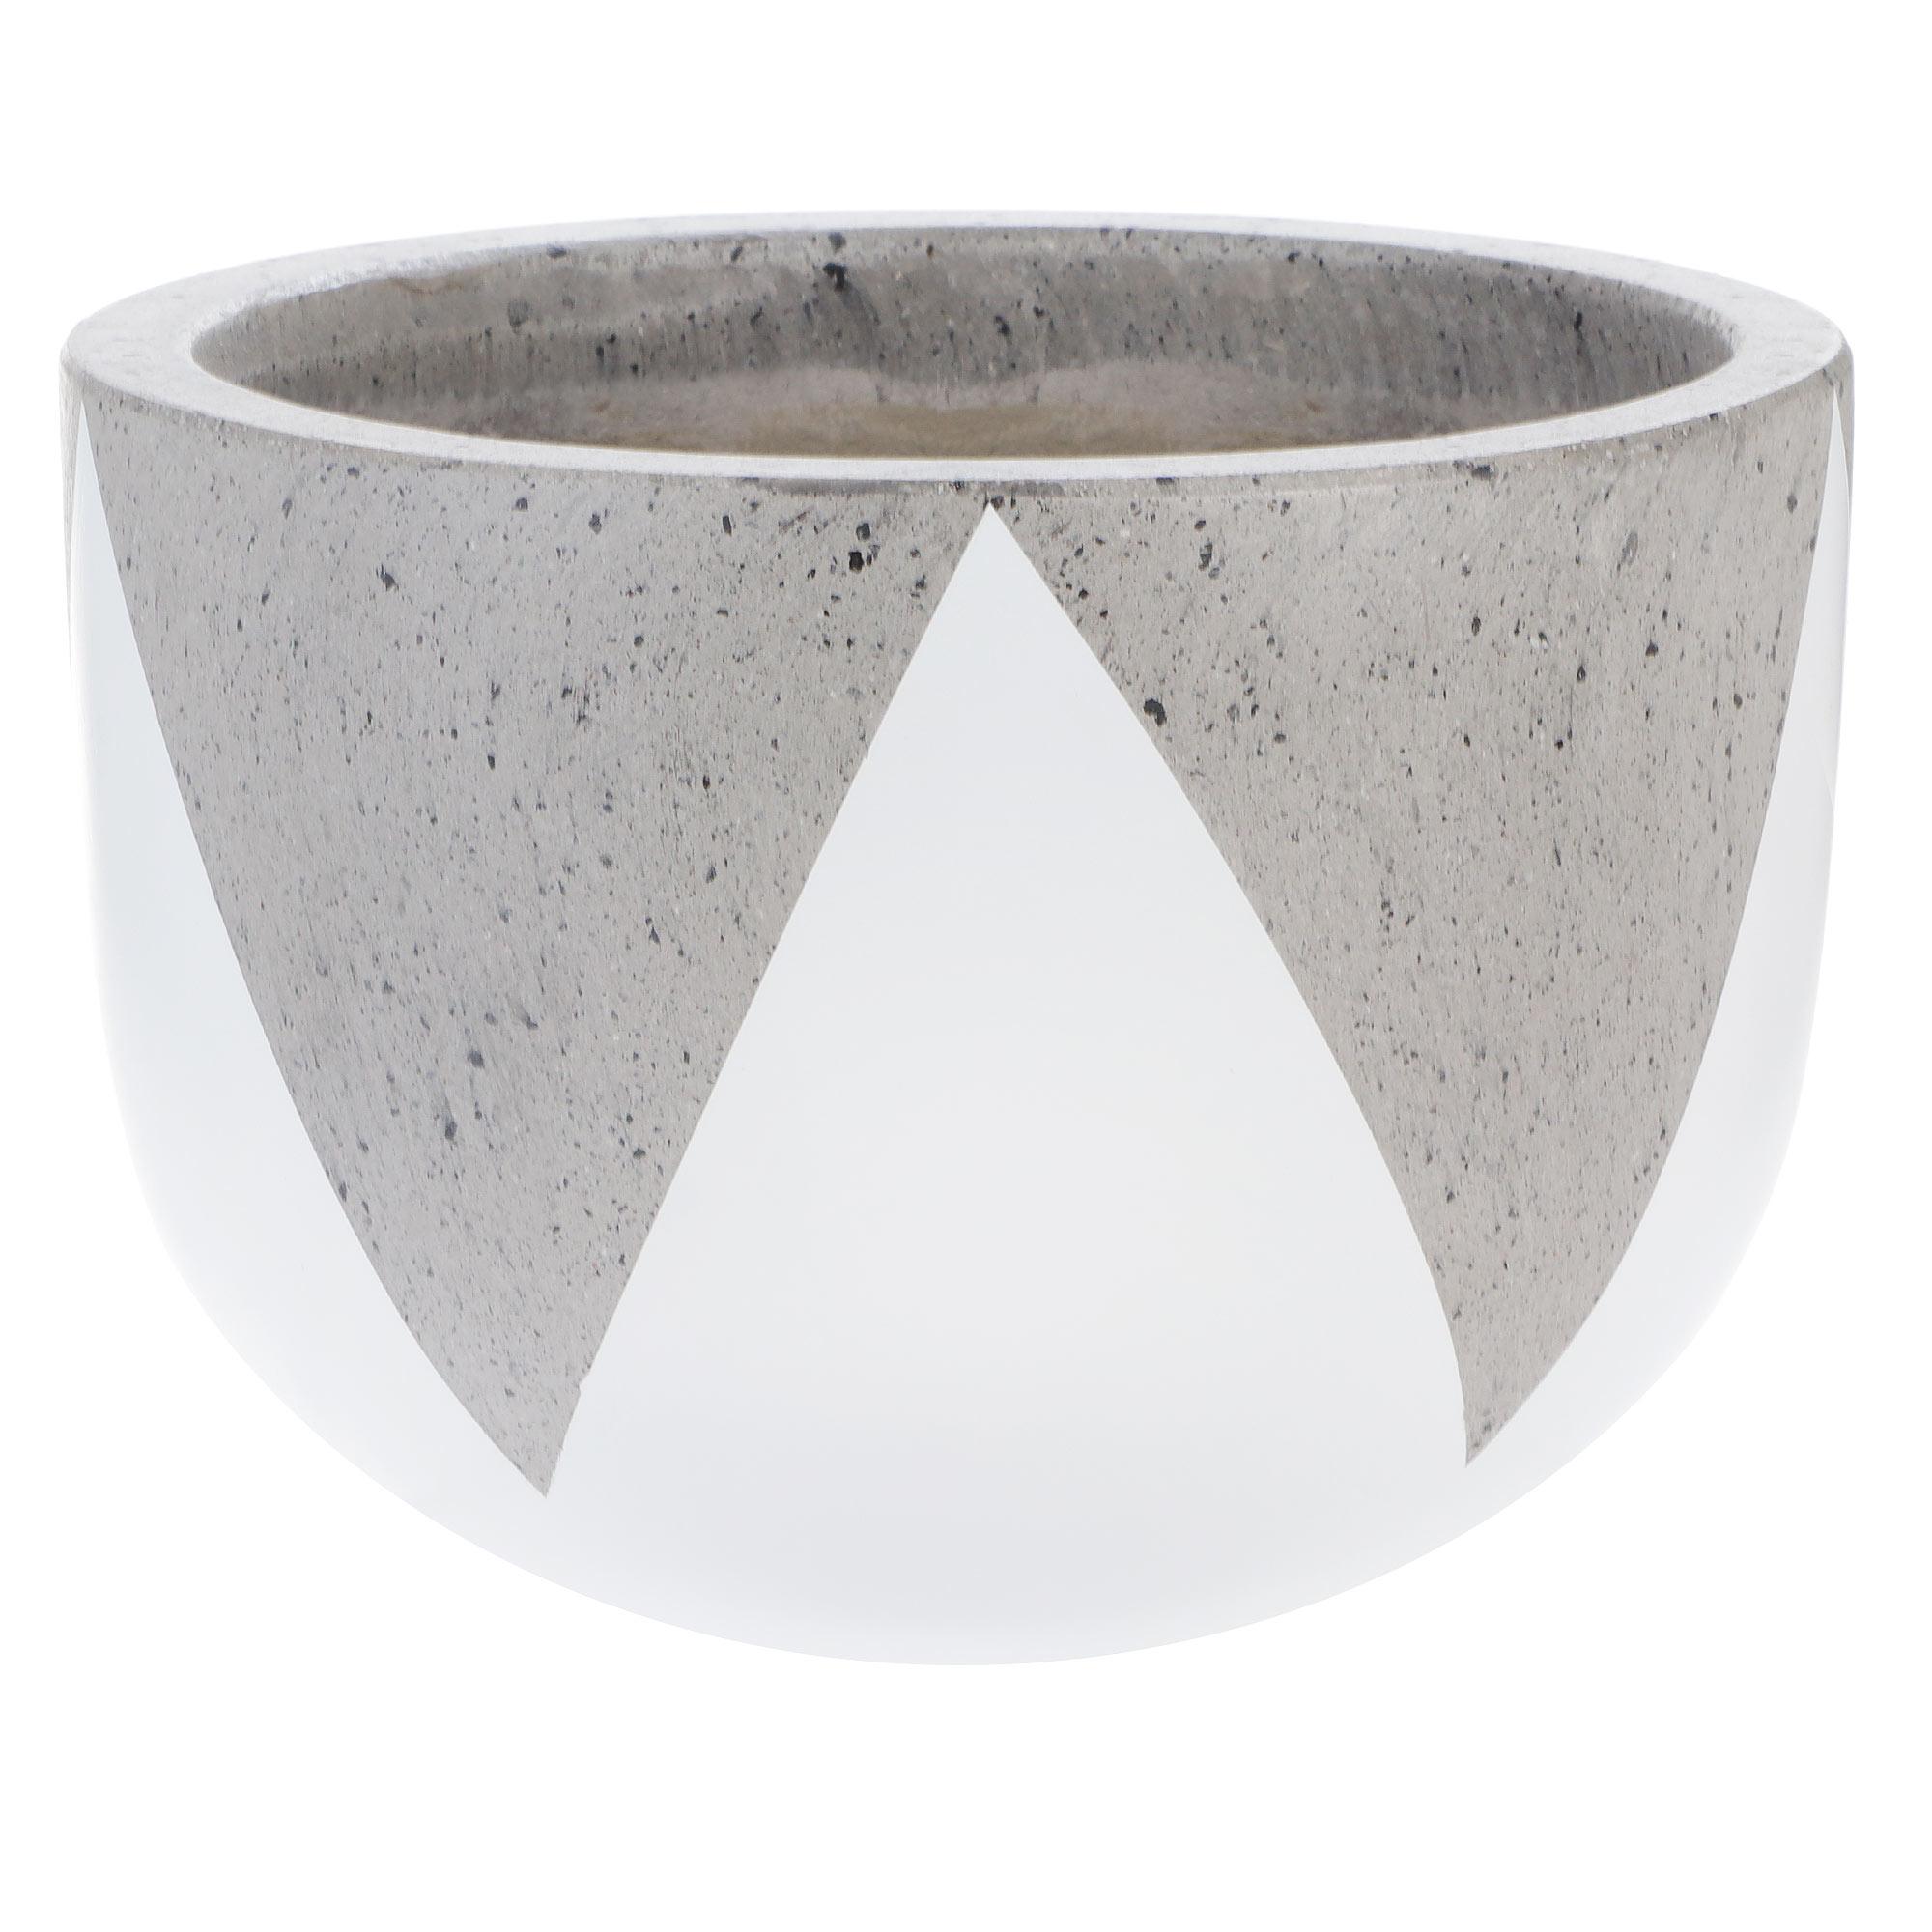 Кашпо Hoang pottery 25x18 см бетон белый, черный ассорти недорого